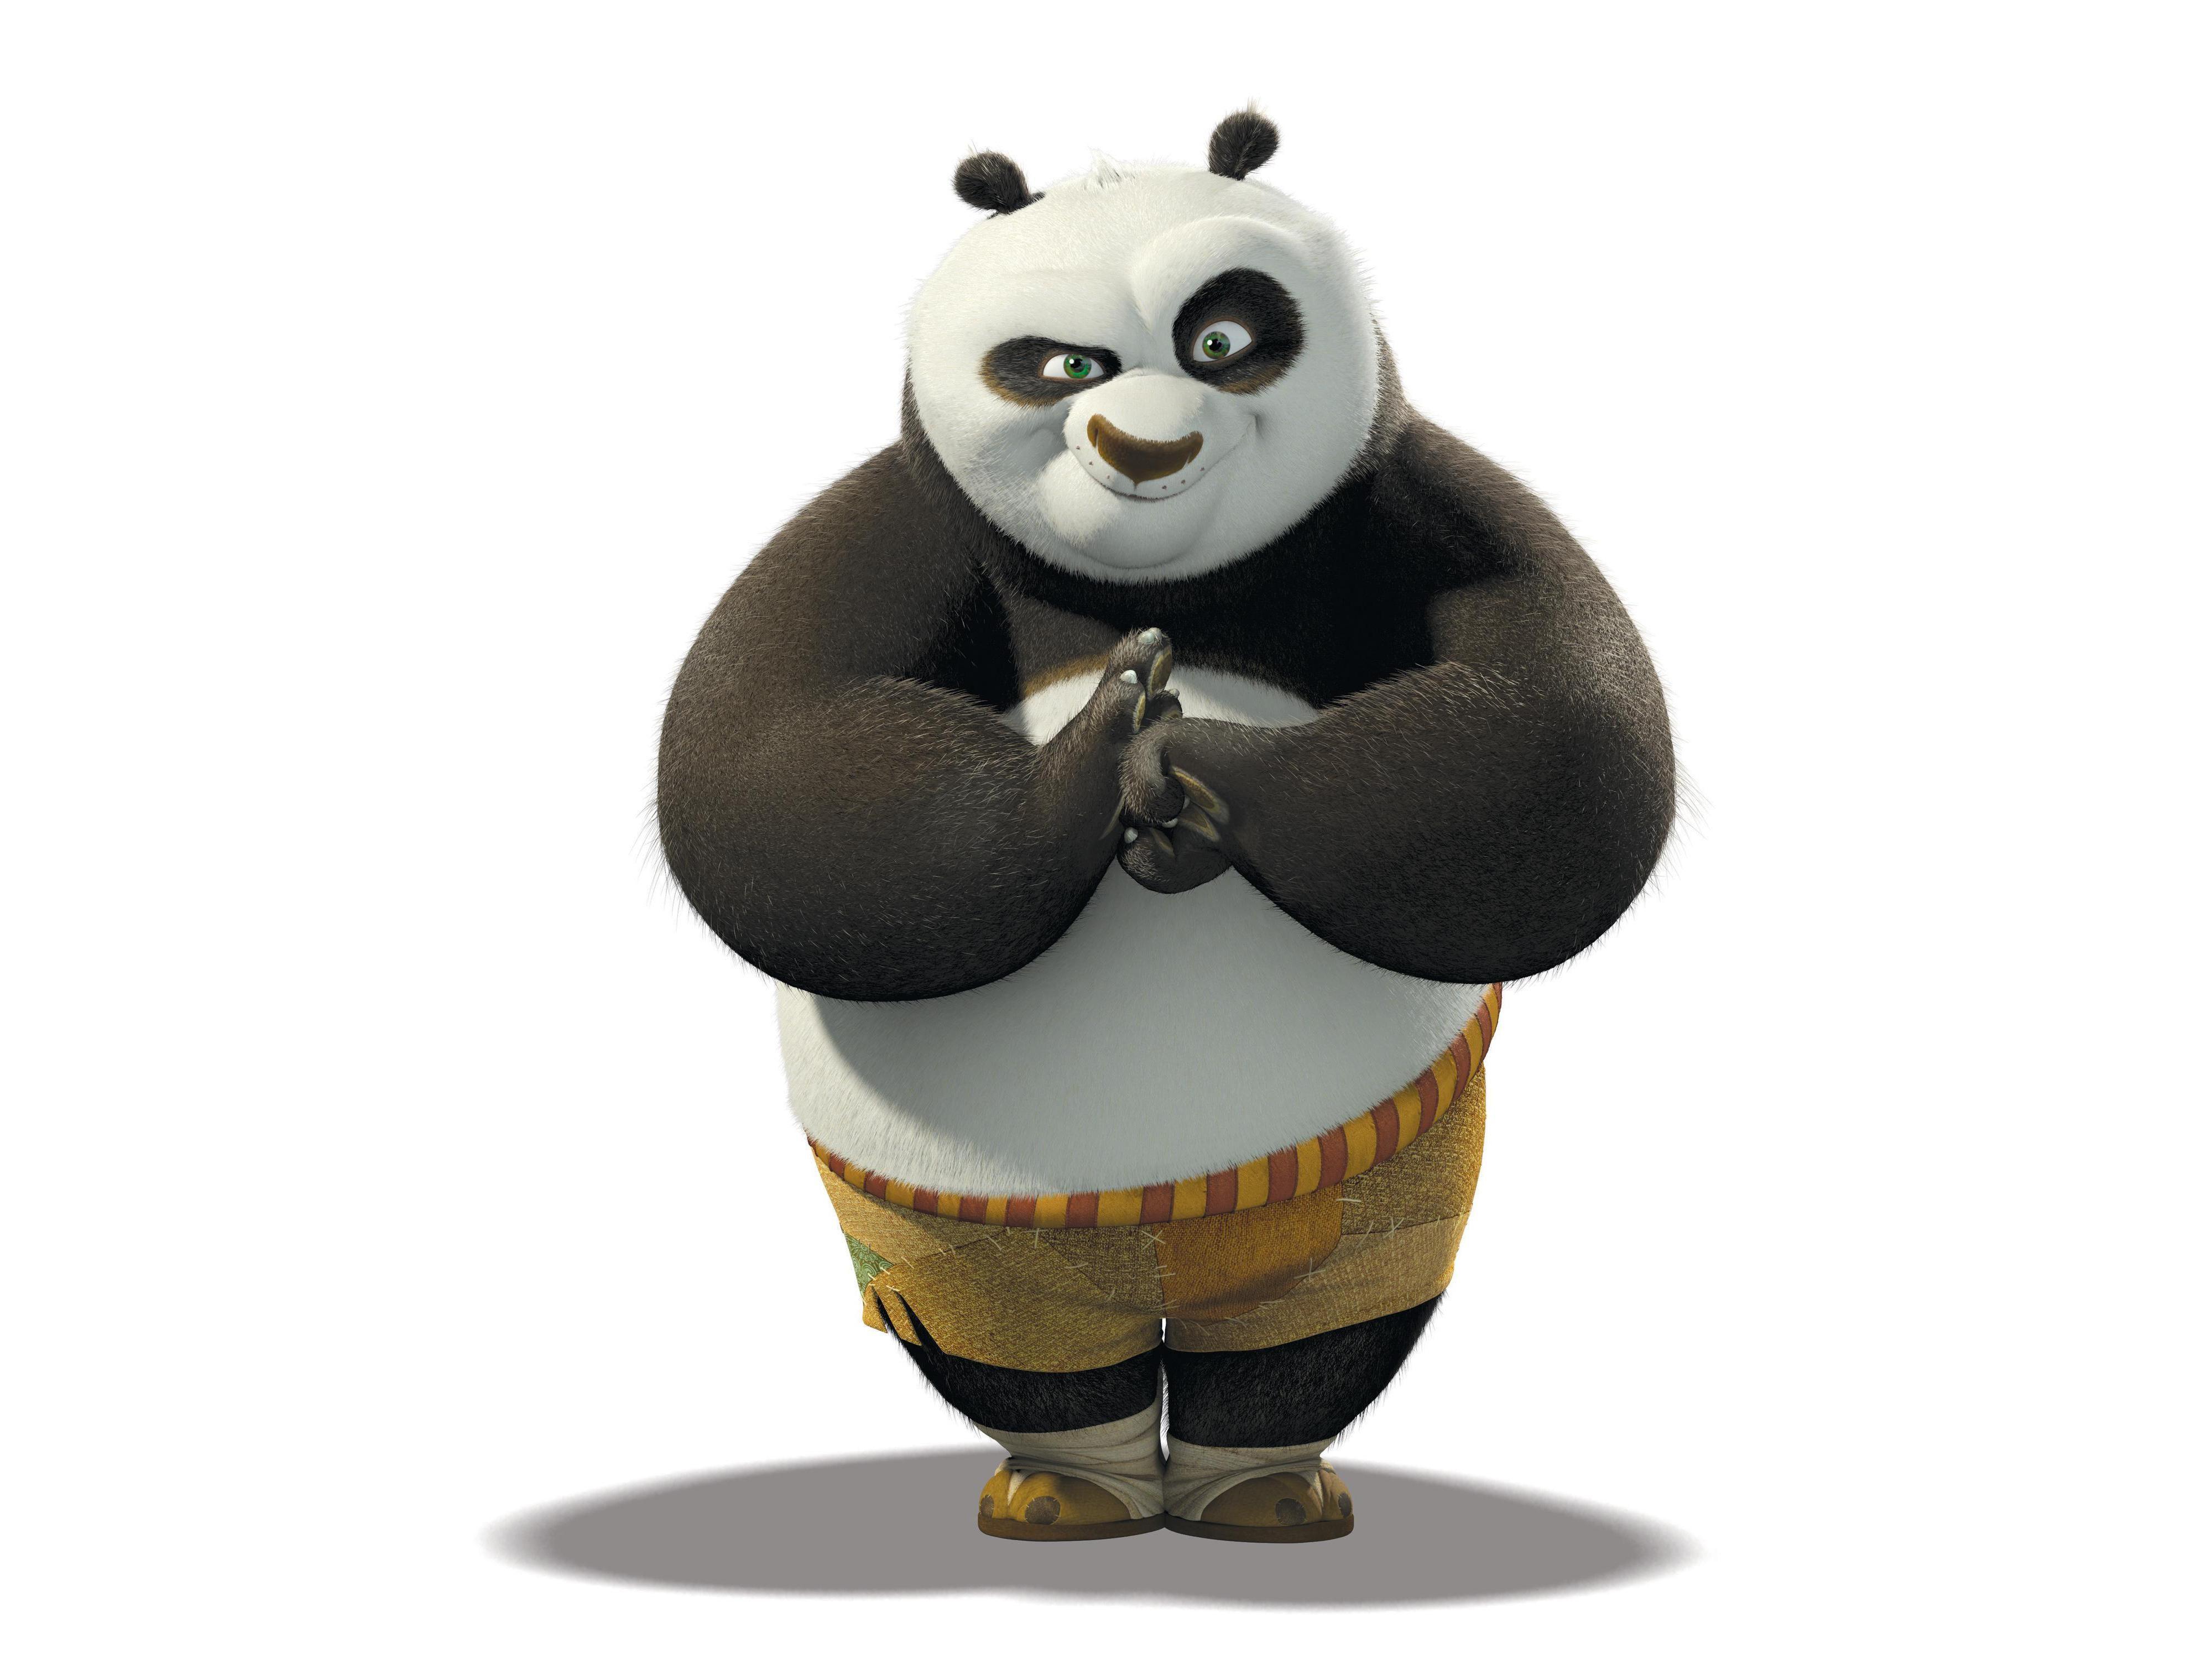 Sfondi cartone animato giocattolo film d animazione kung fu